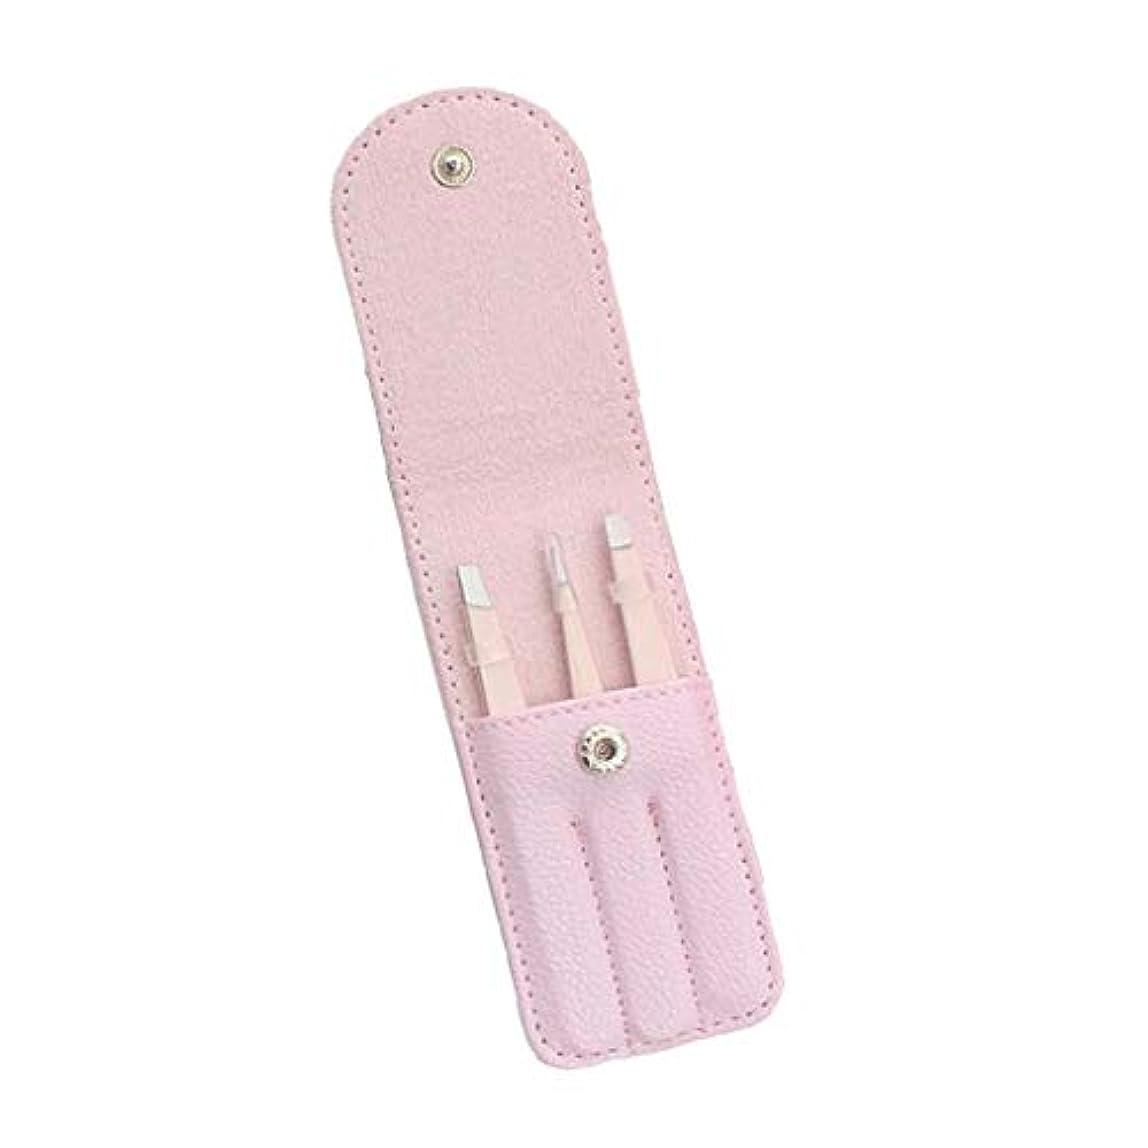 震えヘルメットクーポン眉毛ピンセット 毛抜き 眉毛クリップ ステンレス鋼 収納バッグ付 プロ用 家庭用 3個 全4色 - ピンク